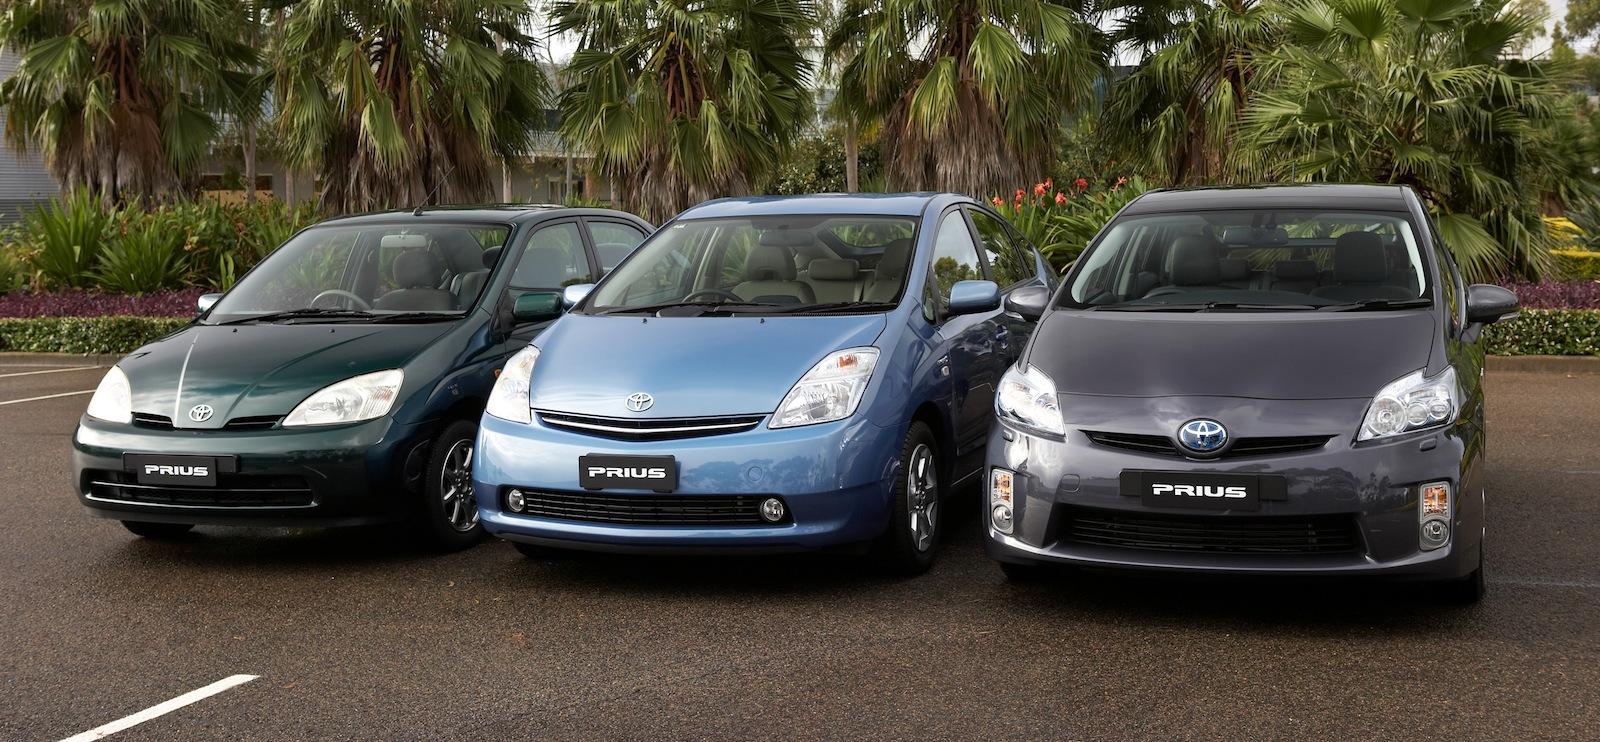 Toyota продала 10-миллионный гибрид